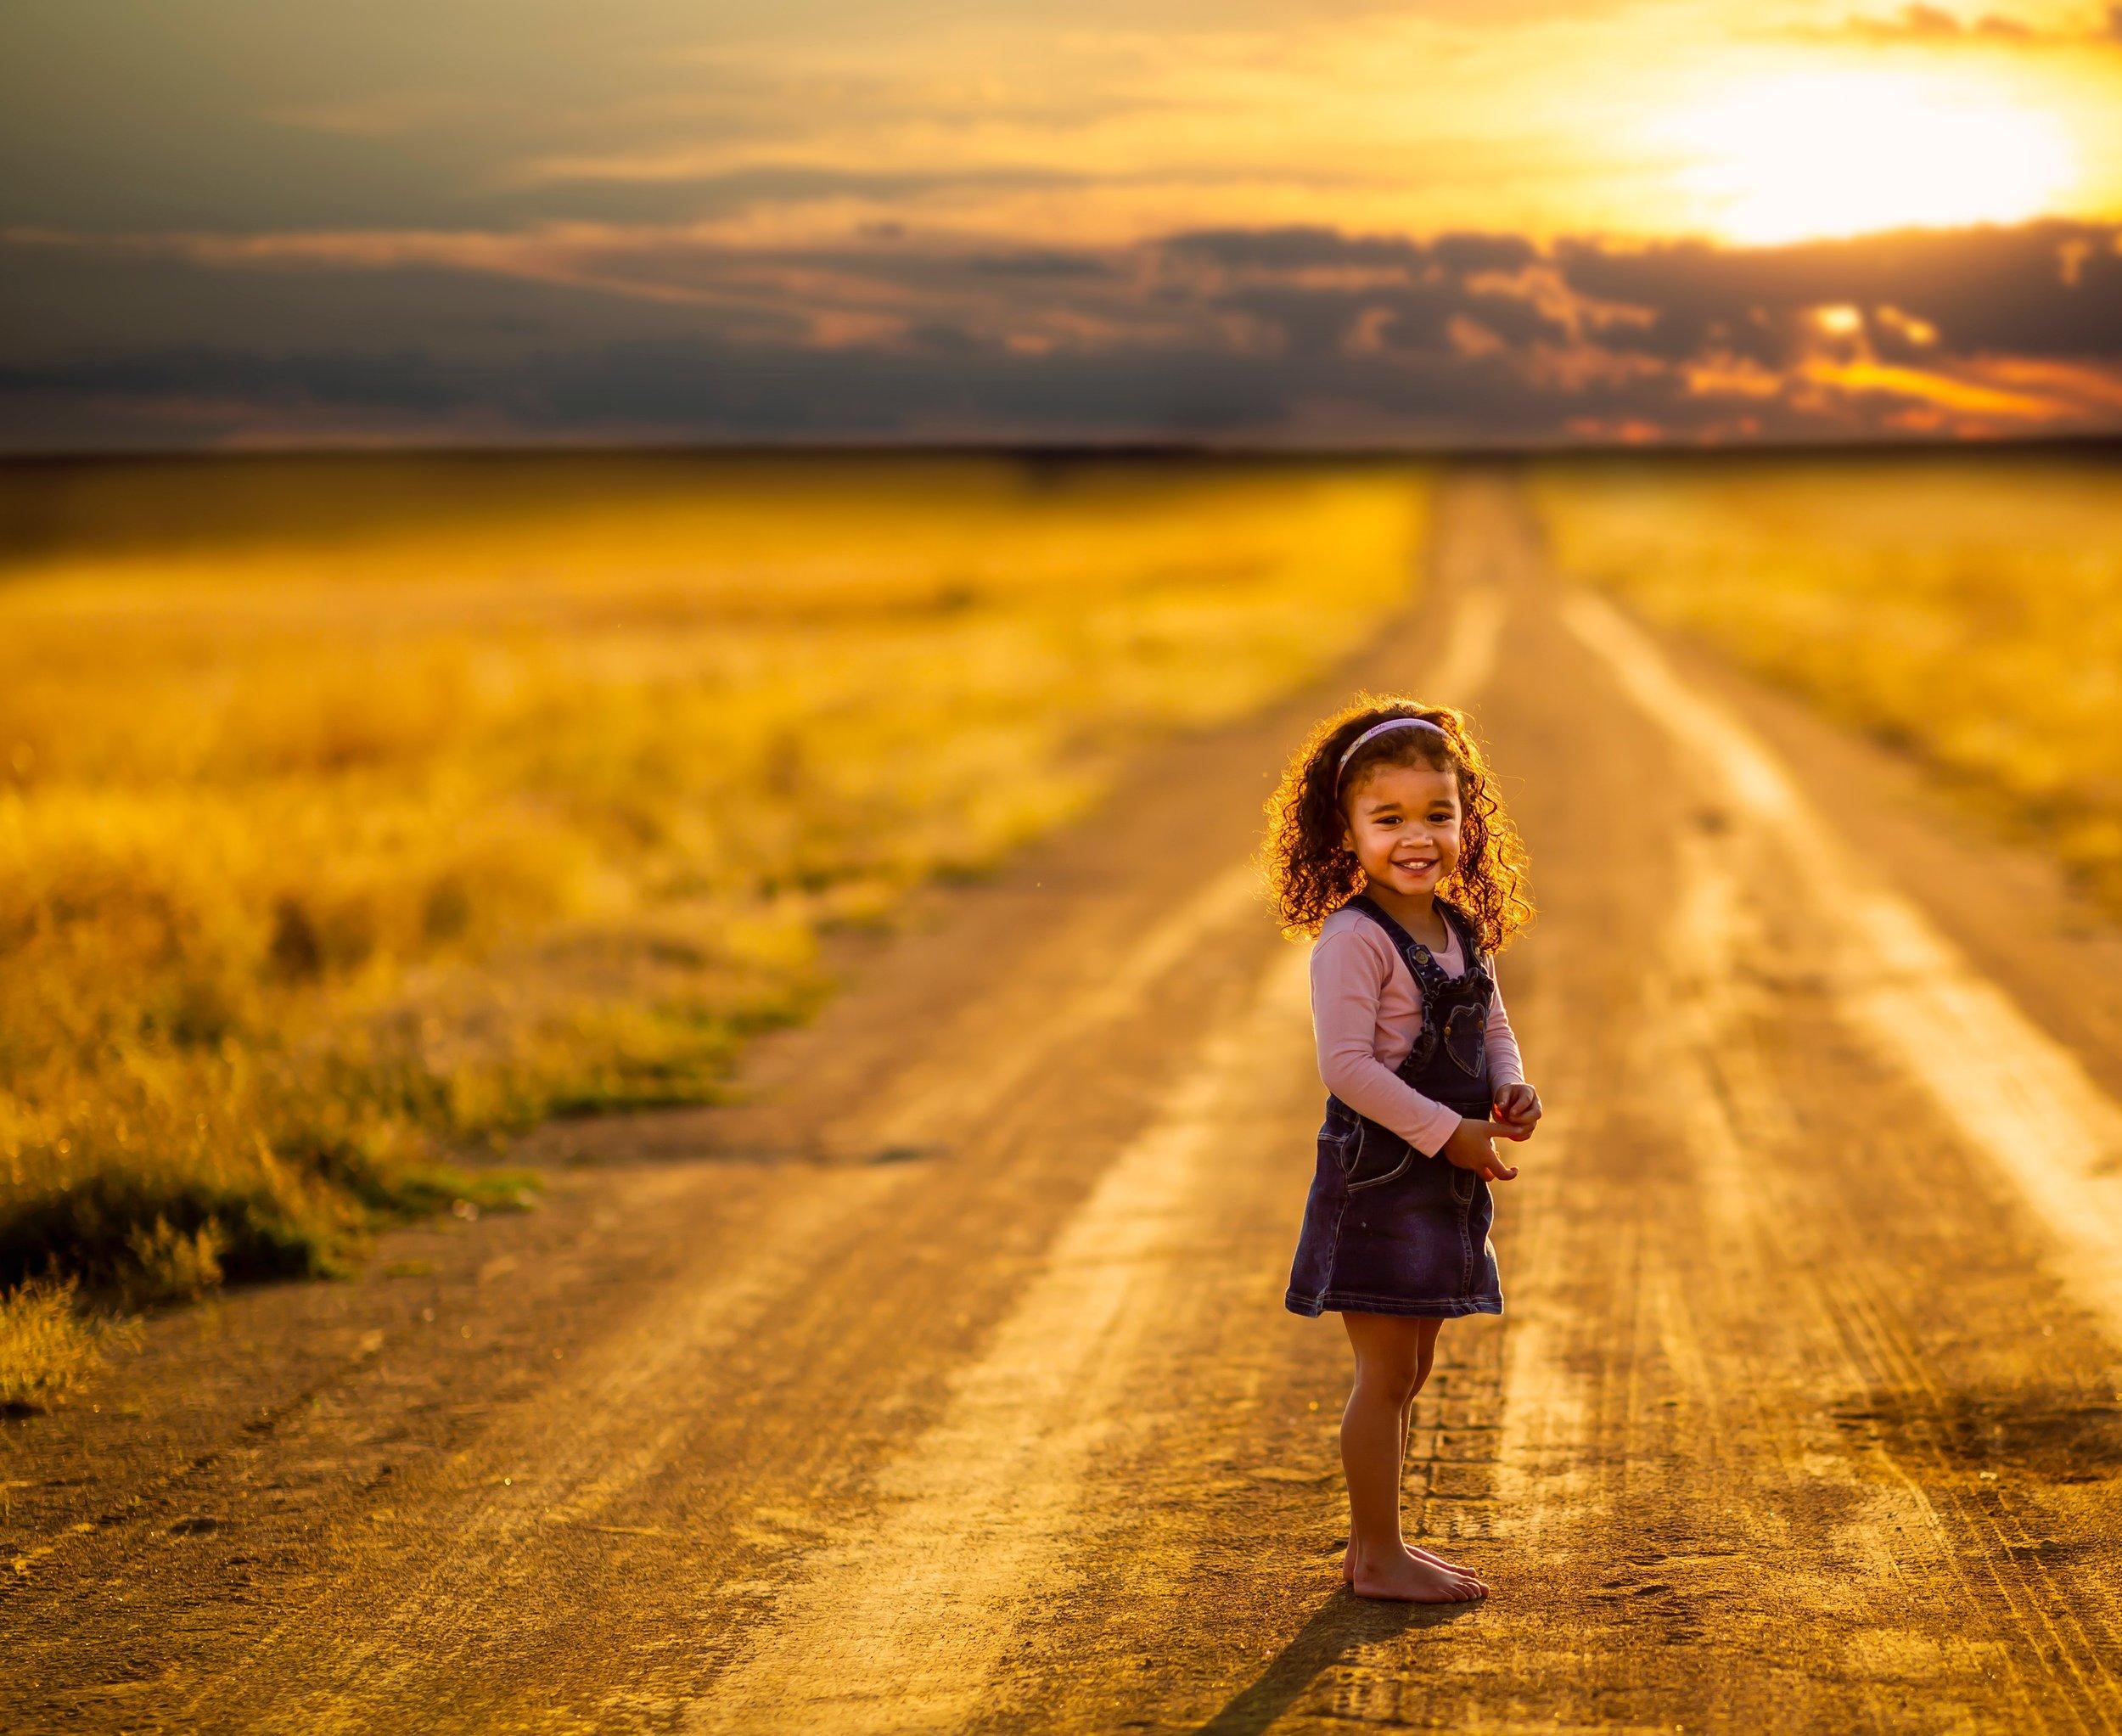 child-clouds-cute-1006363.jpg